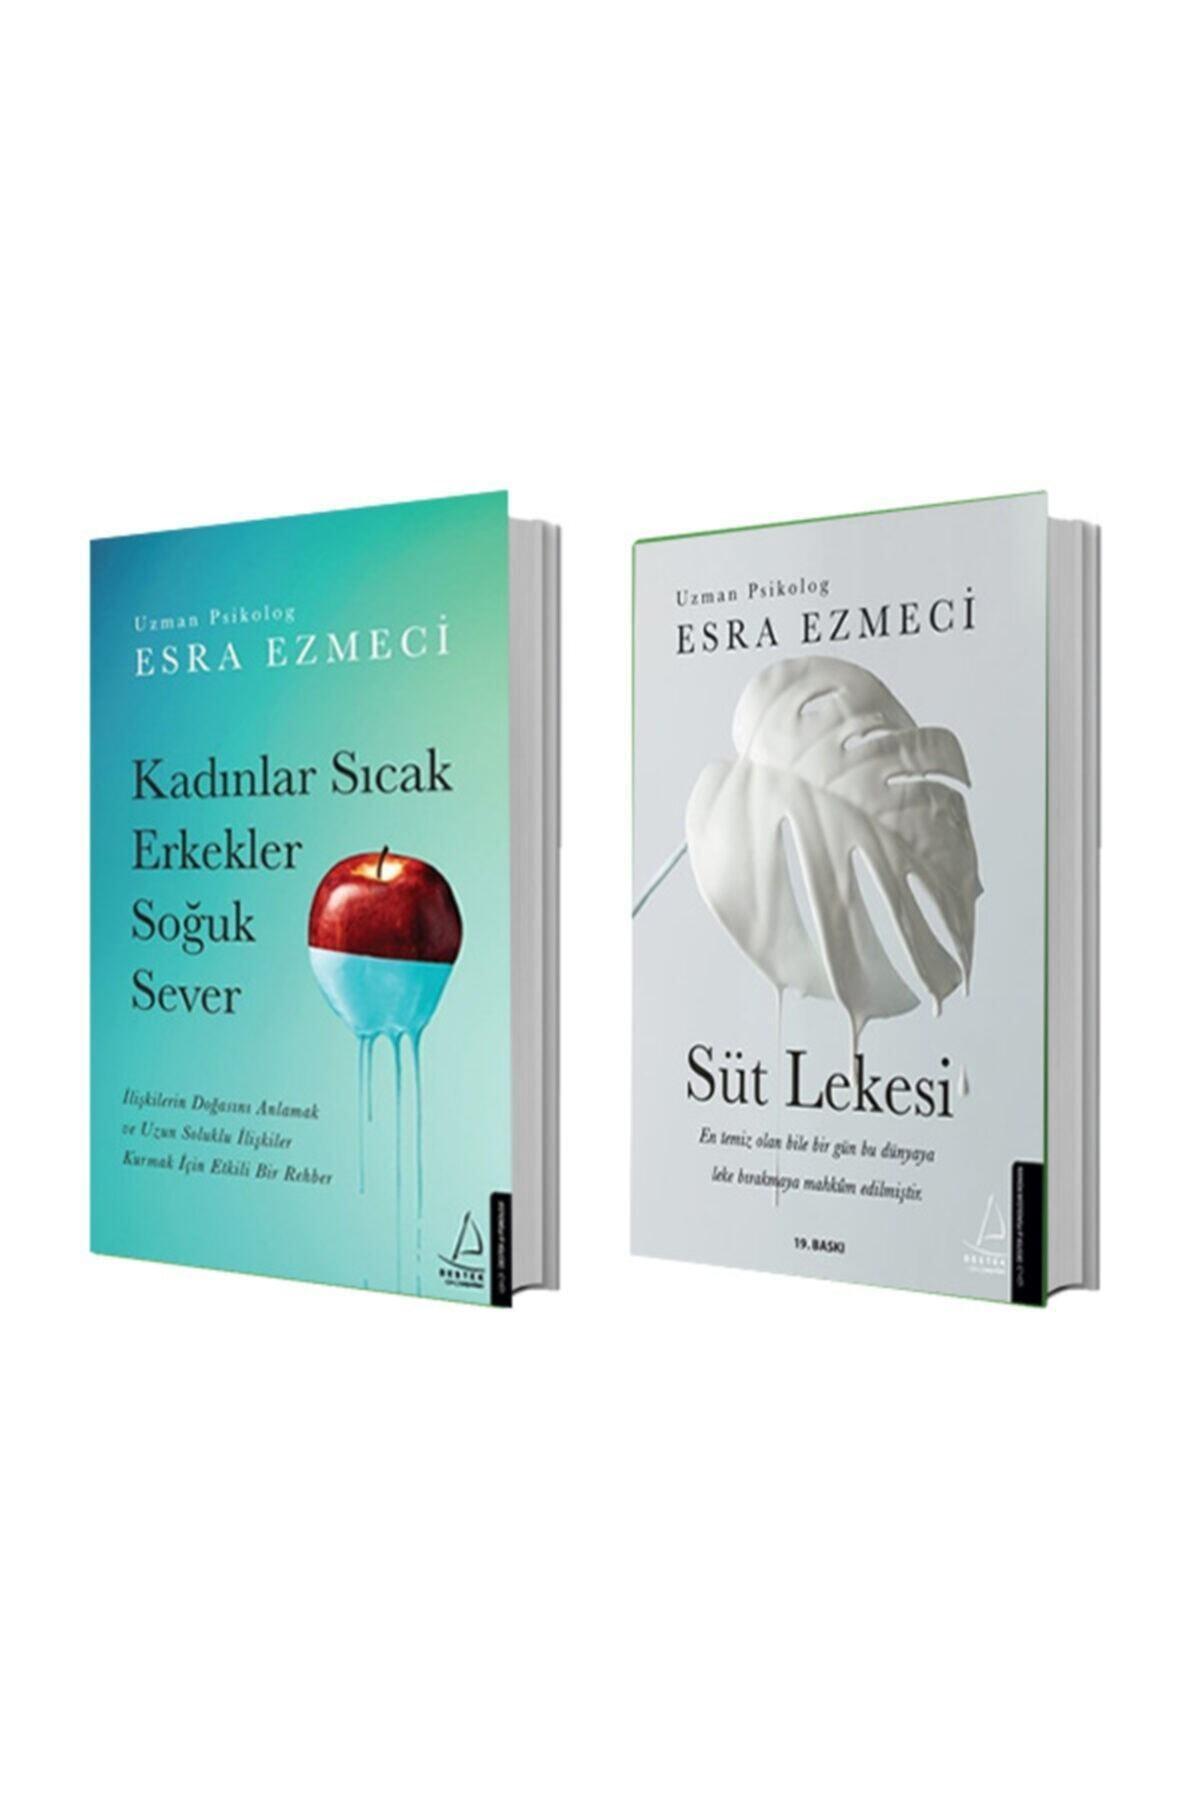 Destek Yayınları Kadınlar Sıcak Erkekler Soğuk Sever + Süt Lekesi - Esra Ezmeci 2 Kitap Set 1